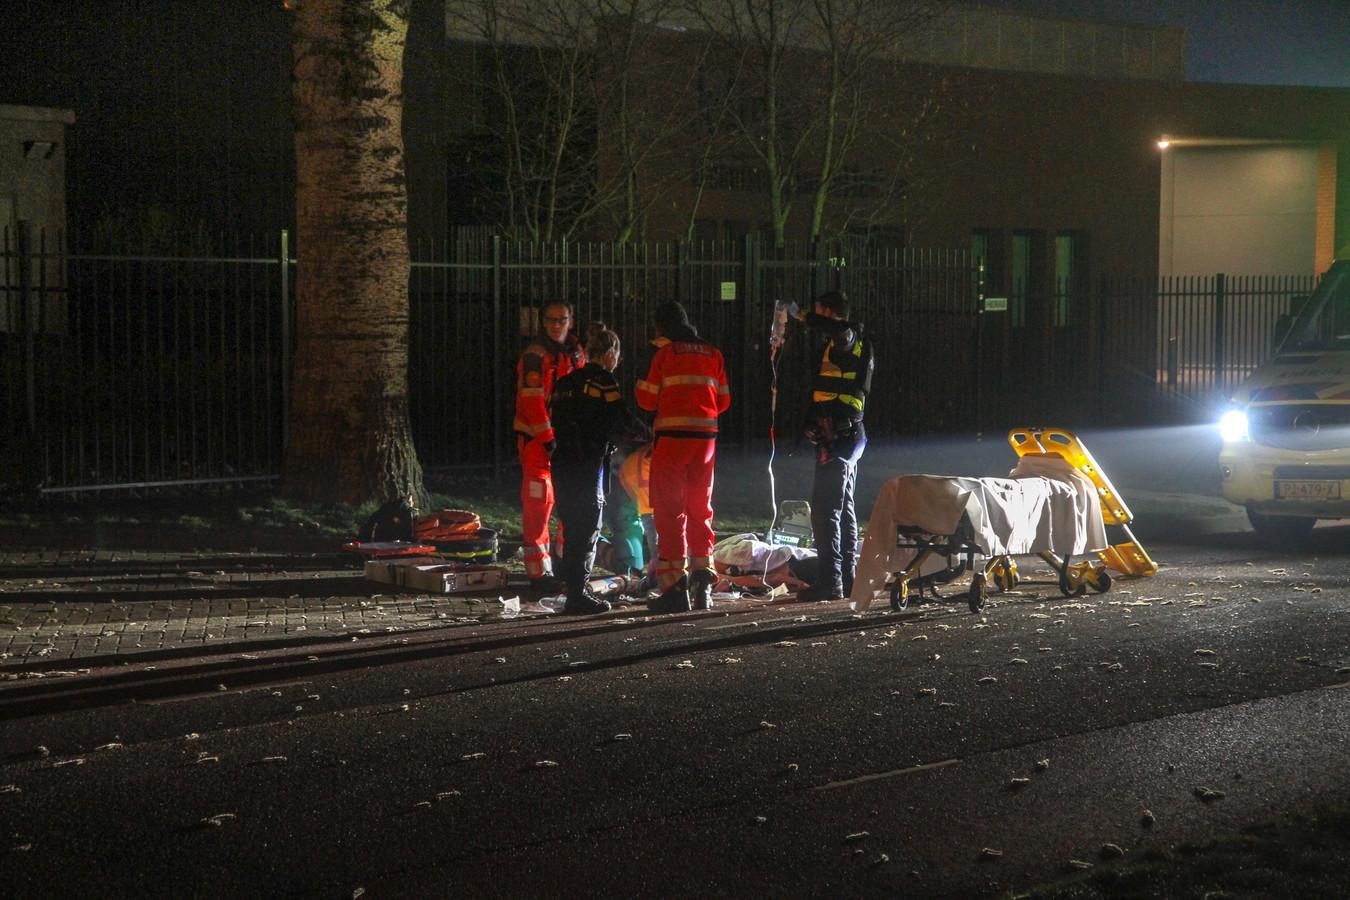 Op de Energiestraat in Deurne sprong een van de verdachten uit de auto. Hij raakte zwaargewond.